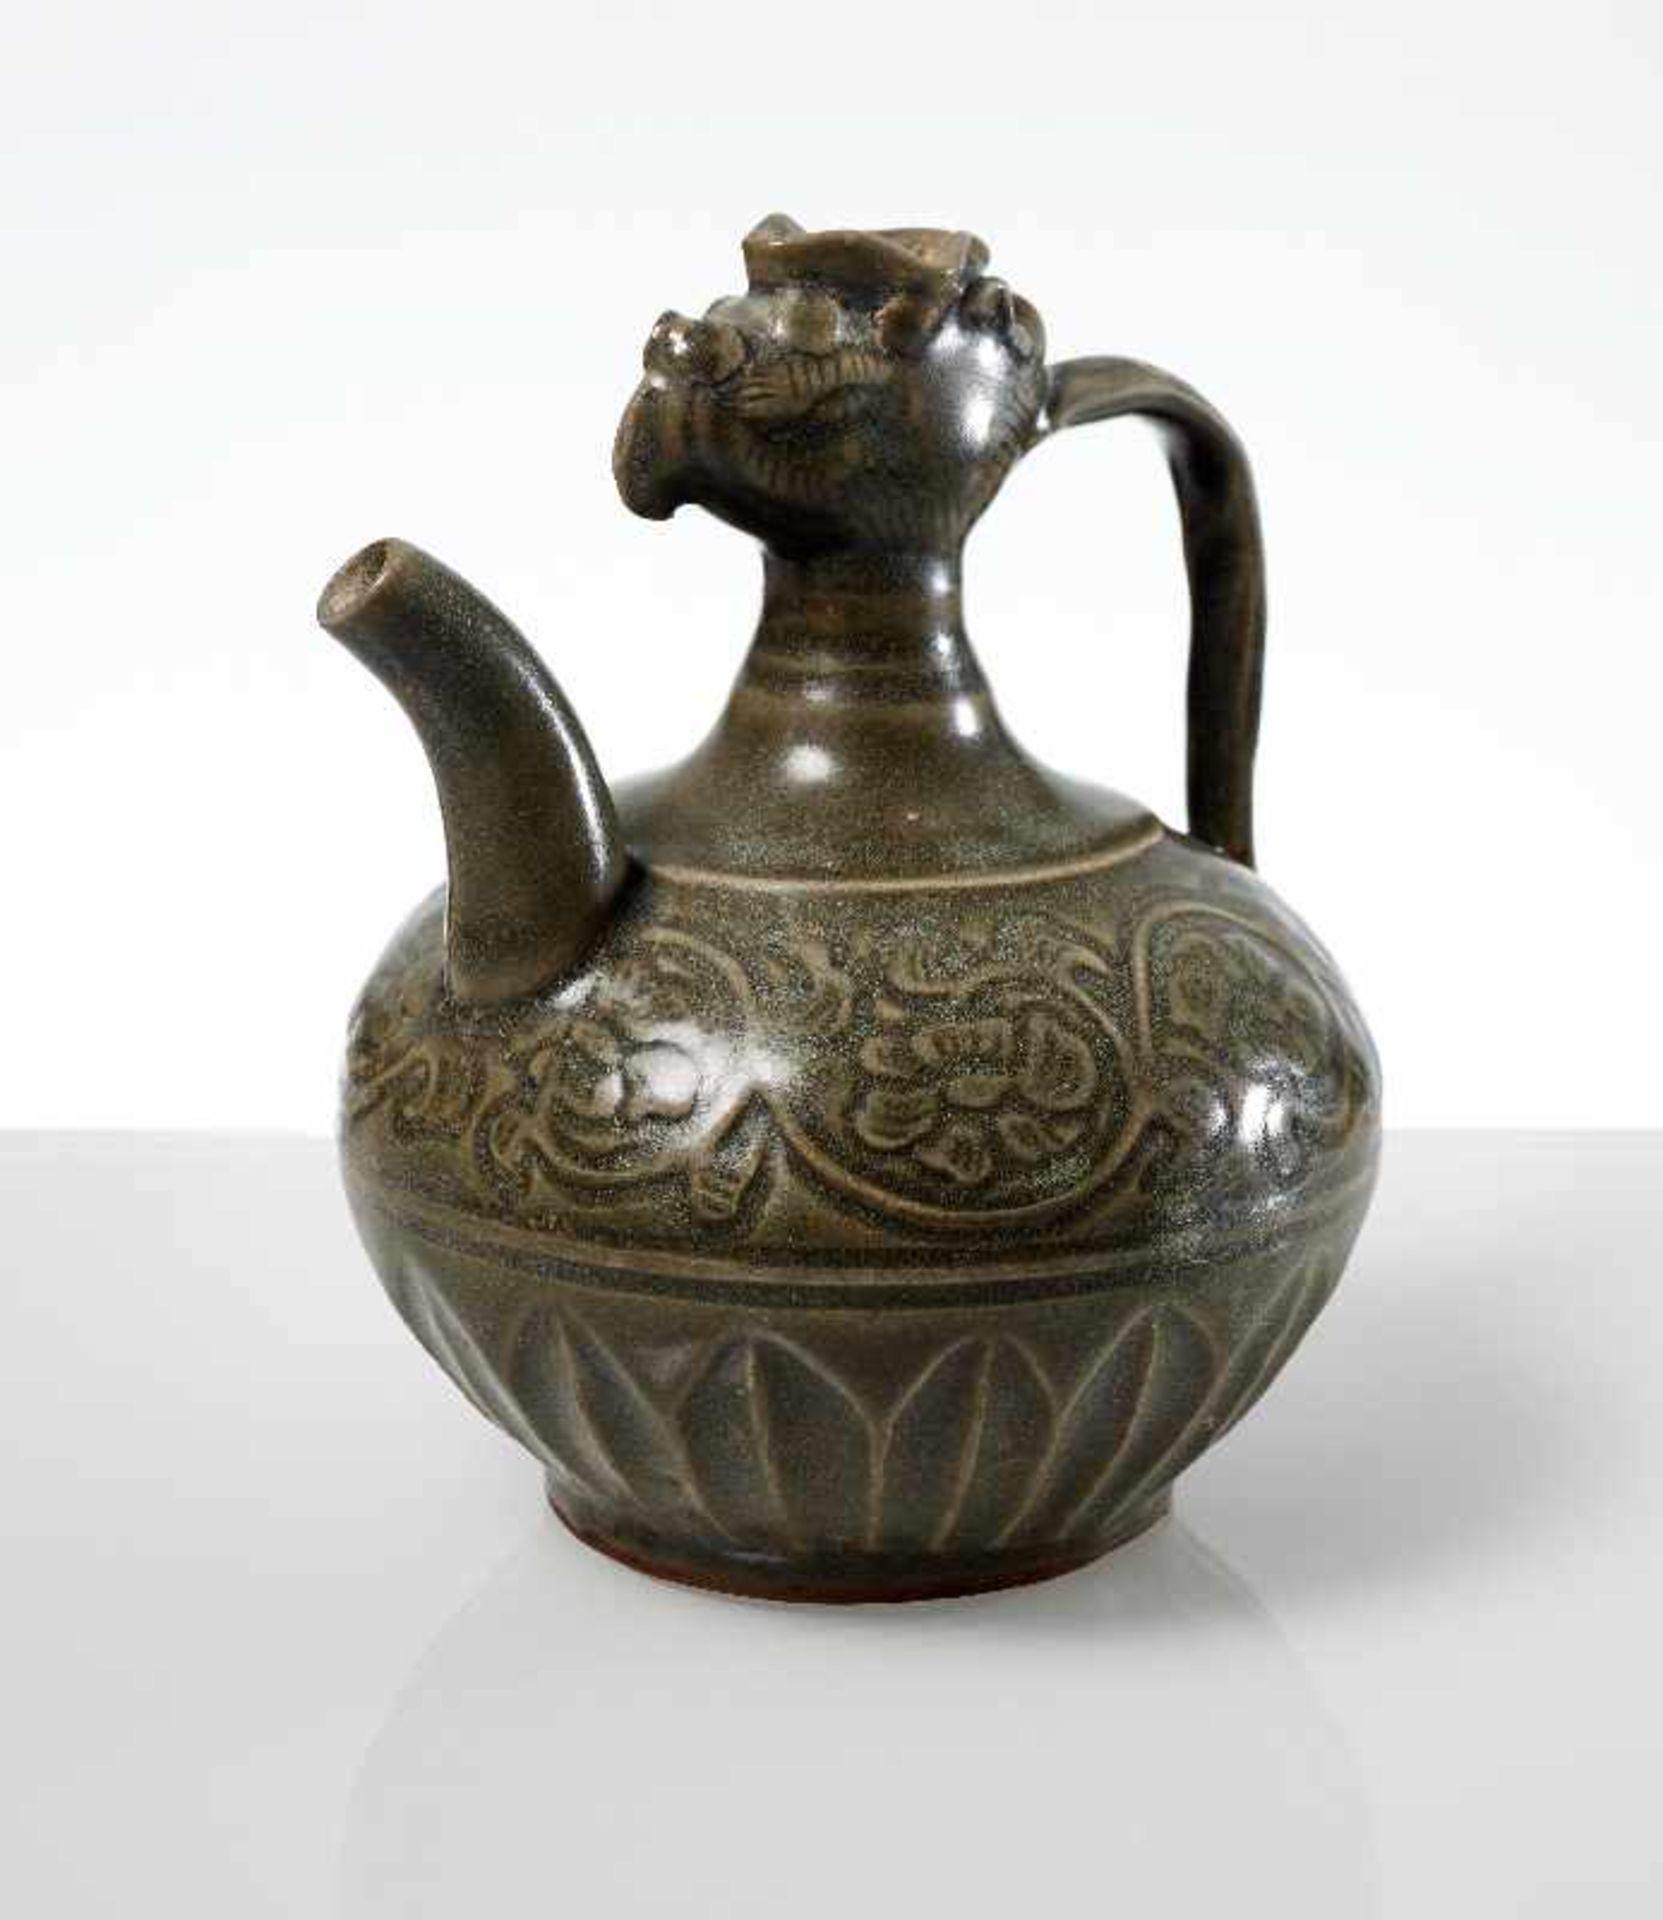 VASE MIT PHÖNIX-KOPF Steingut. China, möglicherweise Song- bis Yuan, ca. 13. bis 14. Jh. Kleine